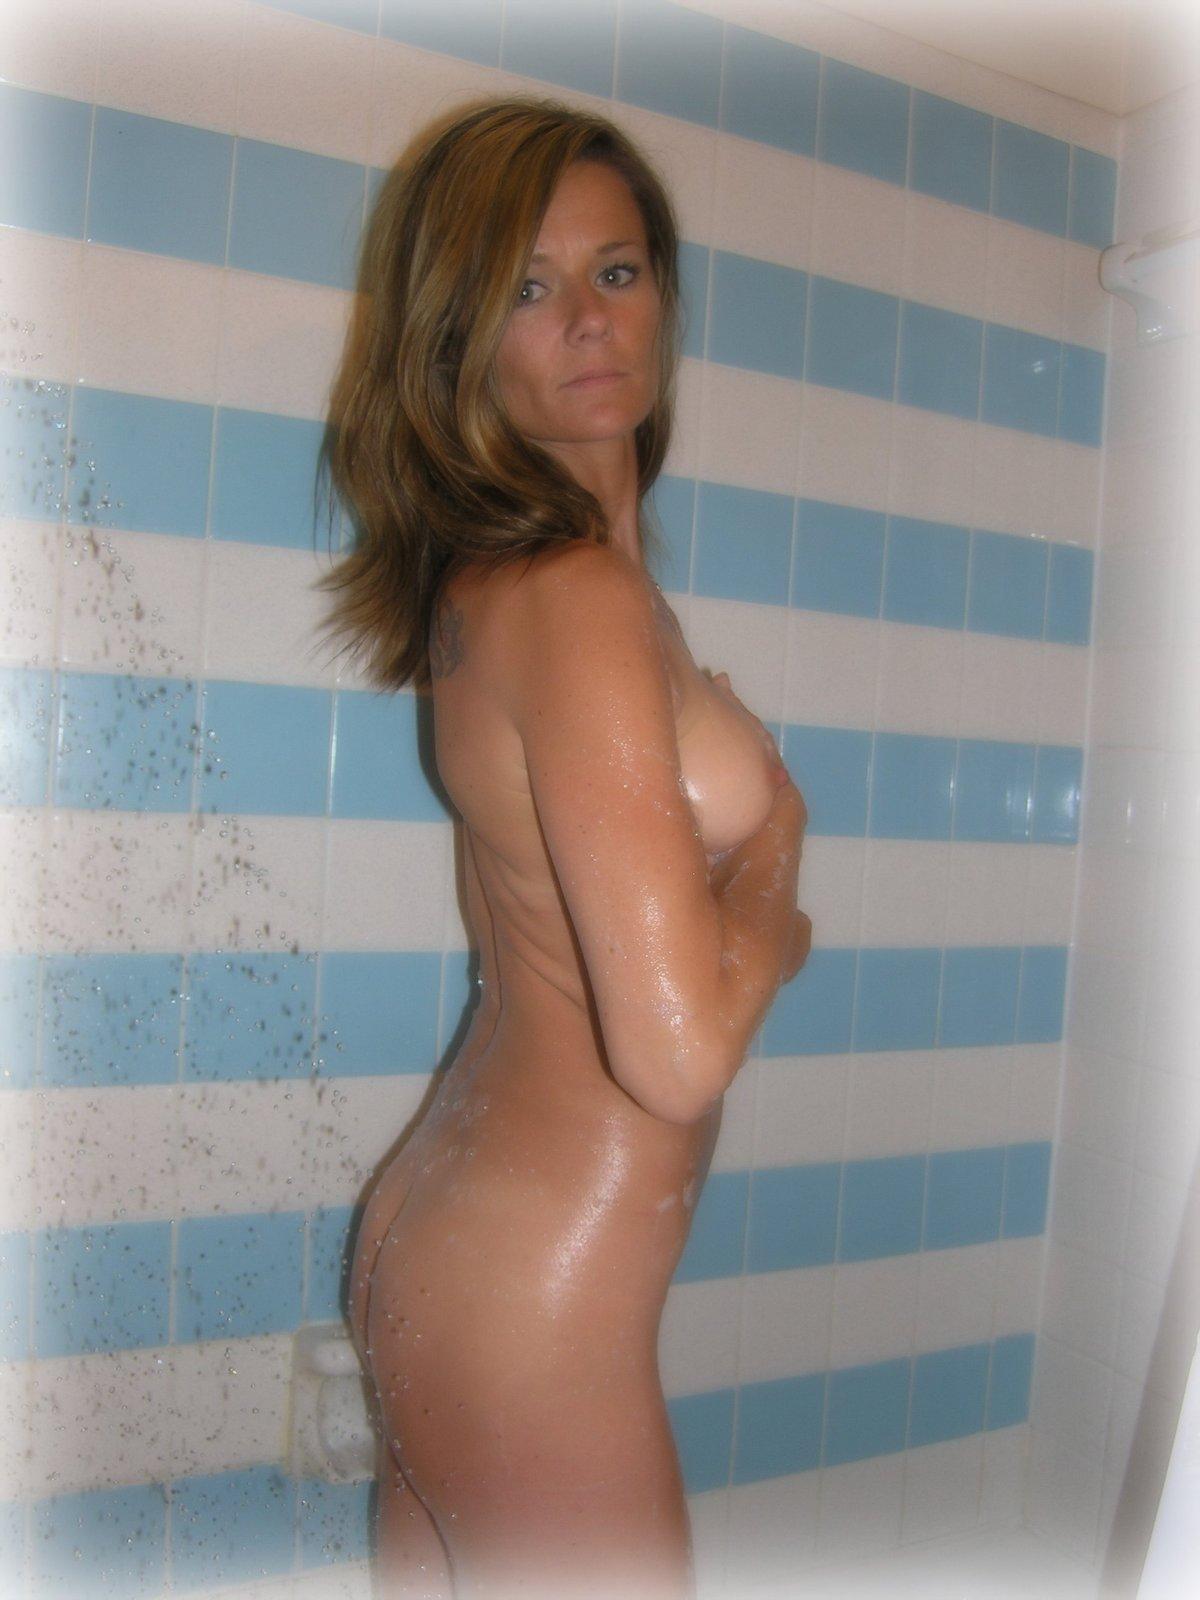 Красивая милфа обожает показывать голое тело по выходным